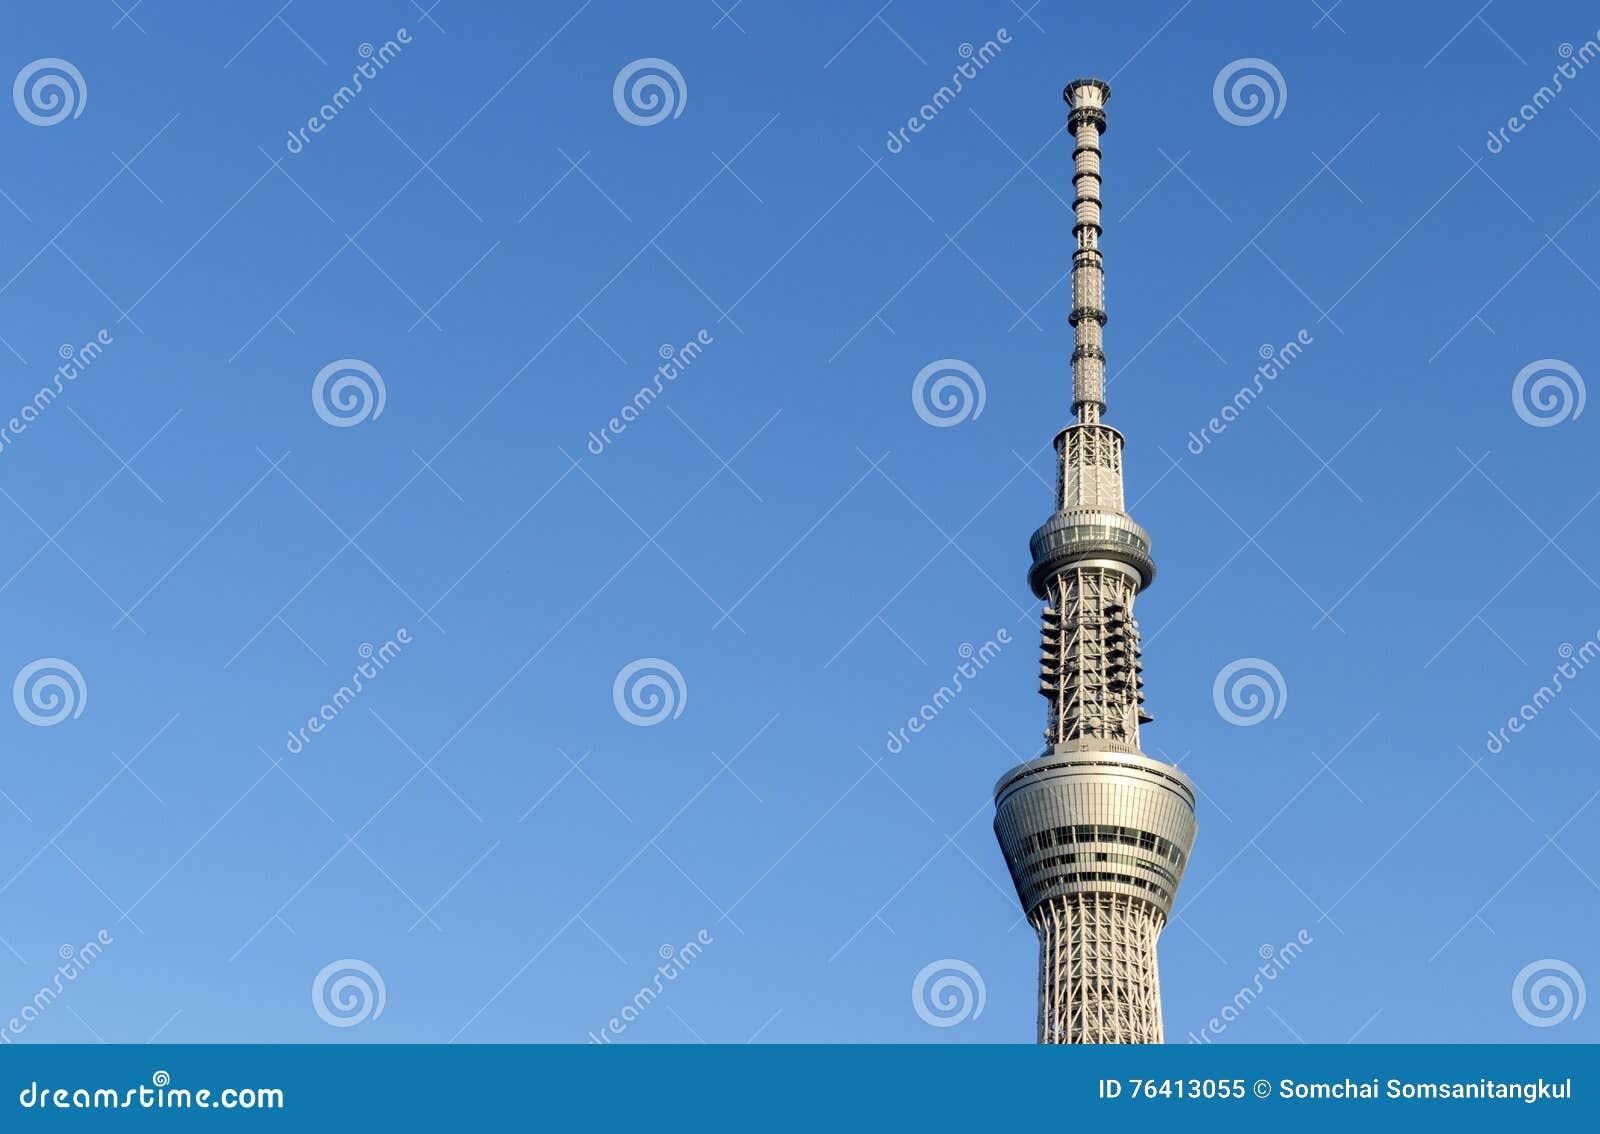 Tóquio Skytree, marco de Japão o reboque famoso do rádio de transmissão